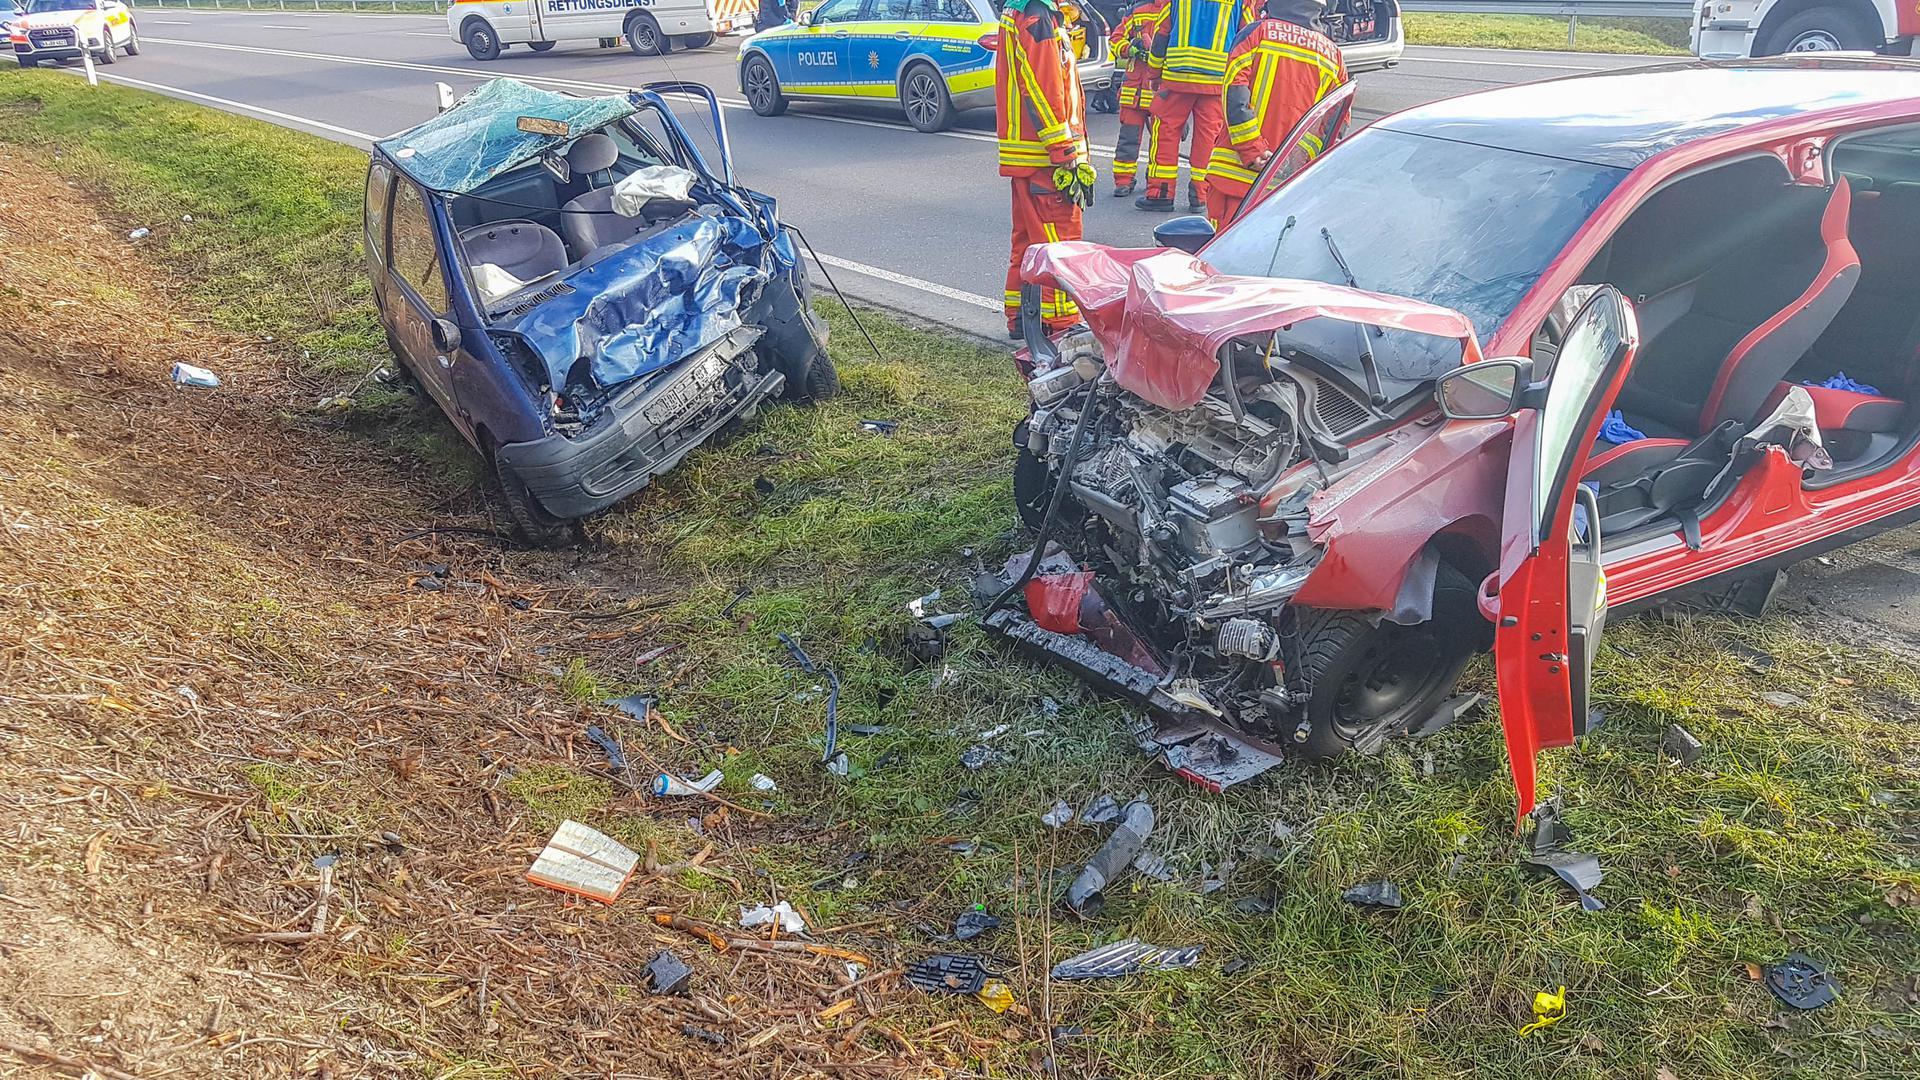 Schwerer Unfall: Auf der B35 bei Bruchsal-Süd sind am Samstag zwei Autos ineinander gekracht. Ein drittes wurde ebenfalls beschädigt.